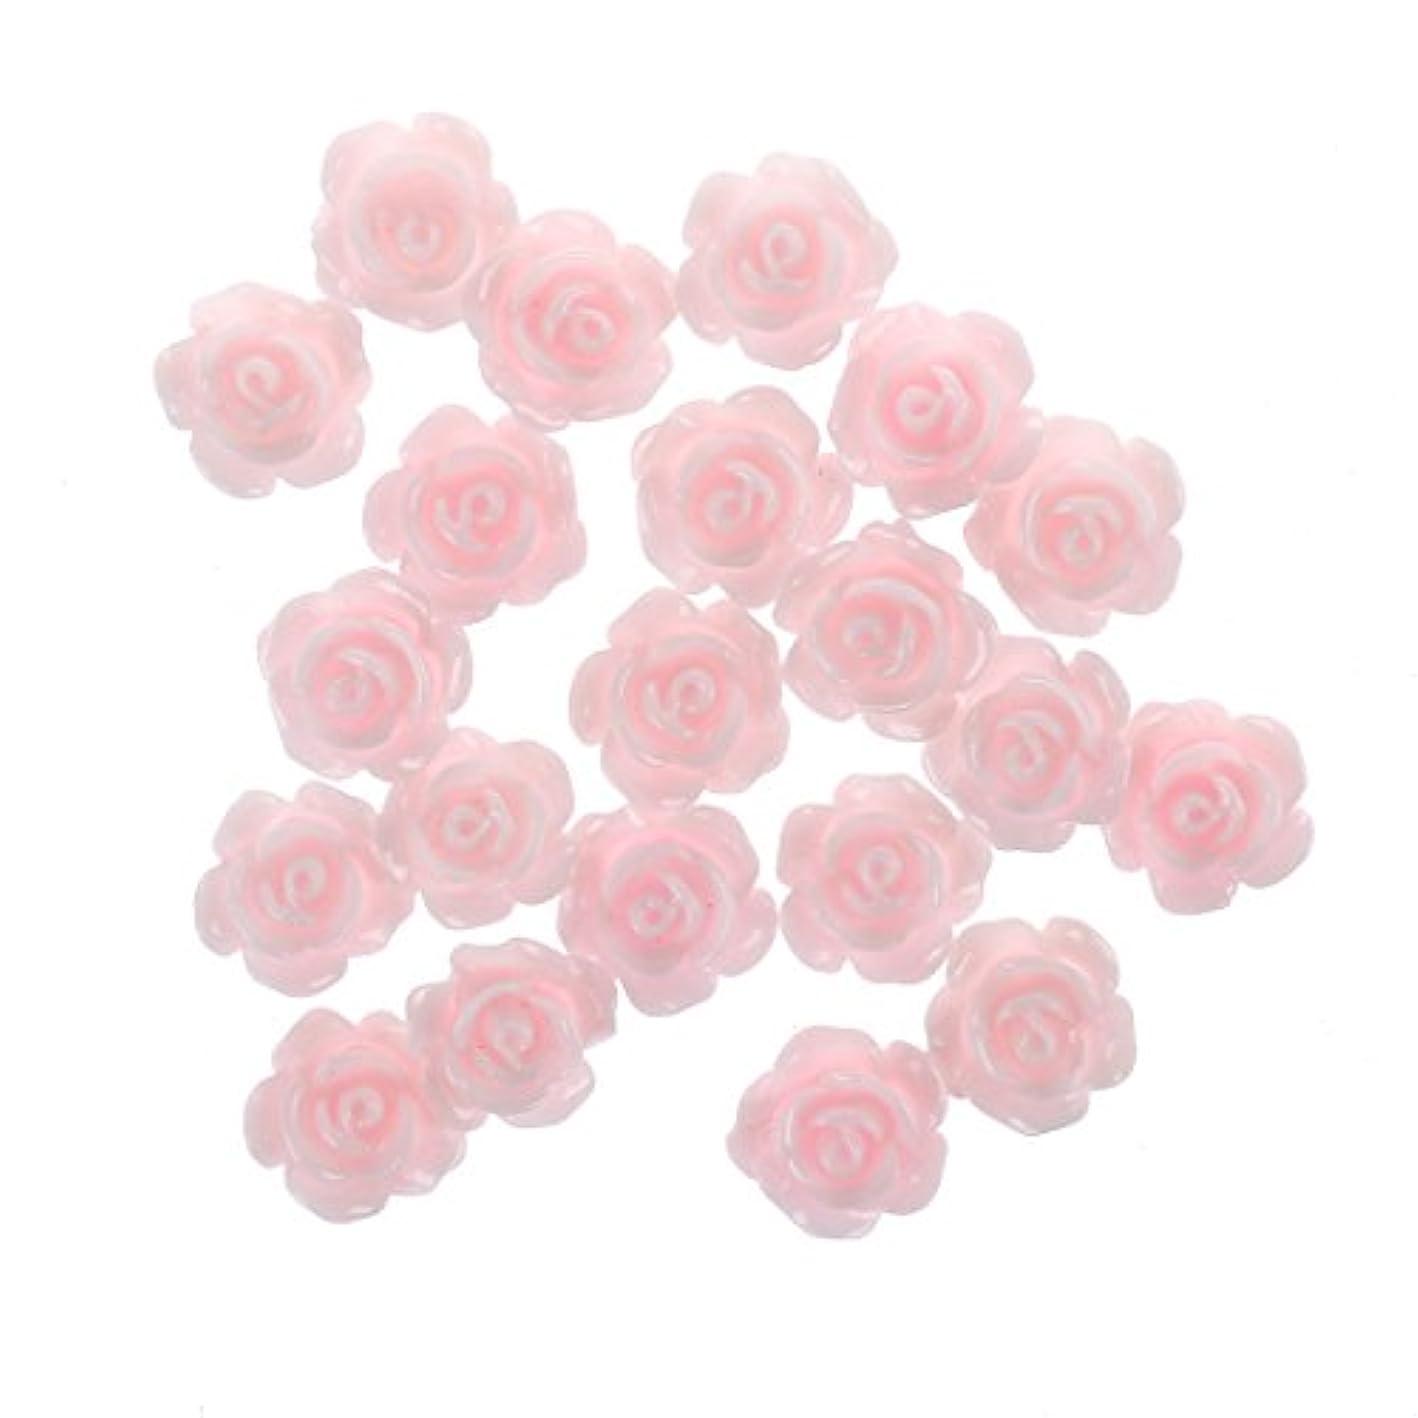 私たち自身わな辛いNrpfell 20x3Dピンクの小さいバラ ラインストーン付きネイルアート装飾